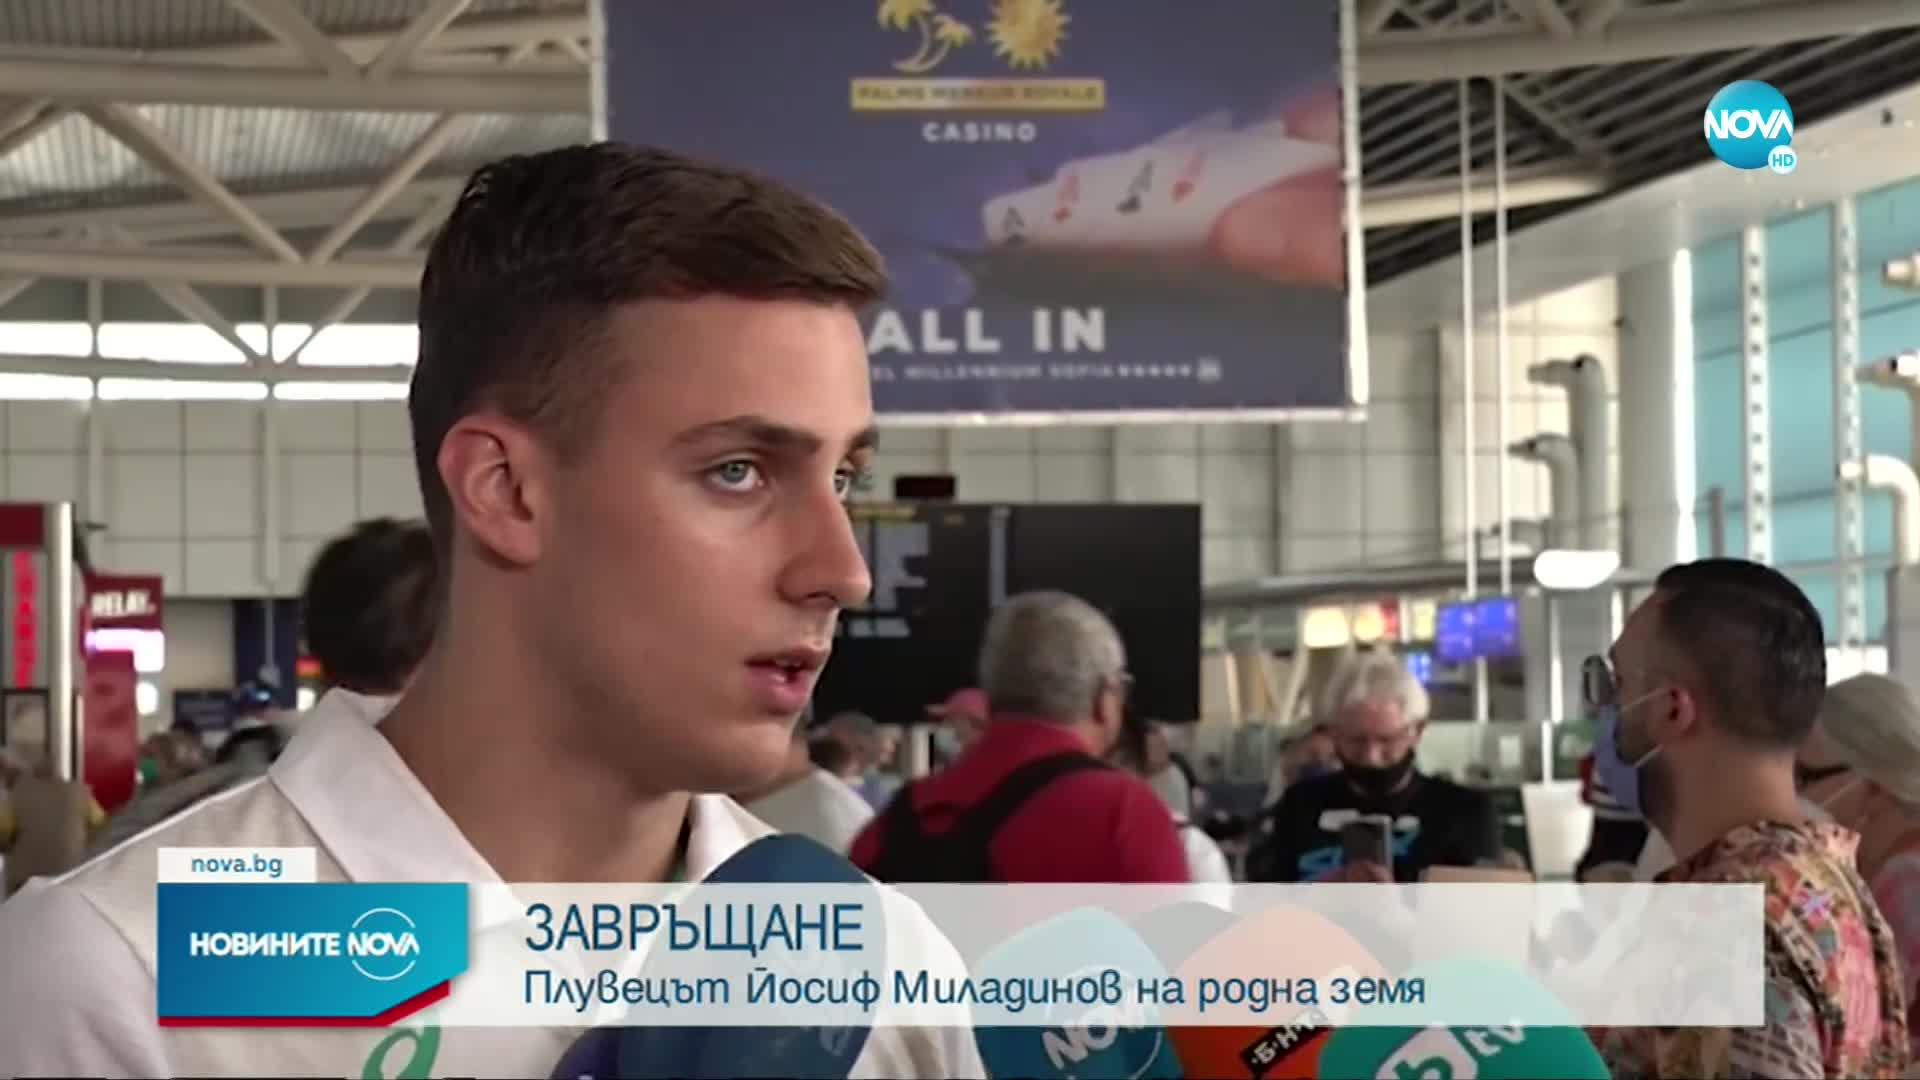 Миладинов: Имам още доста работа, за да стигна до големия елит